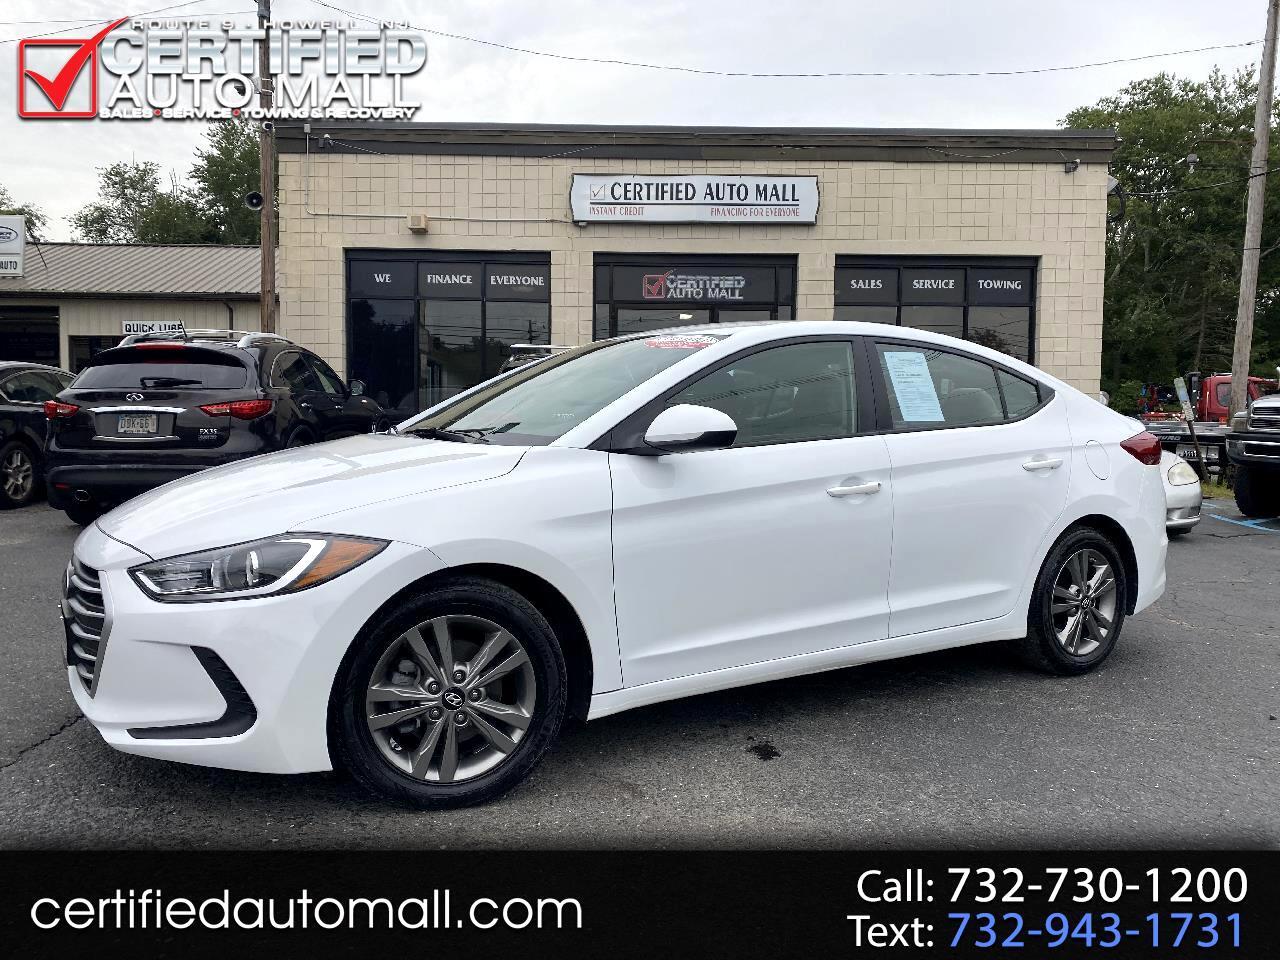 Hyundai Elantra SE 2.0L Auto (Alabama) 2017